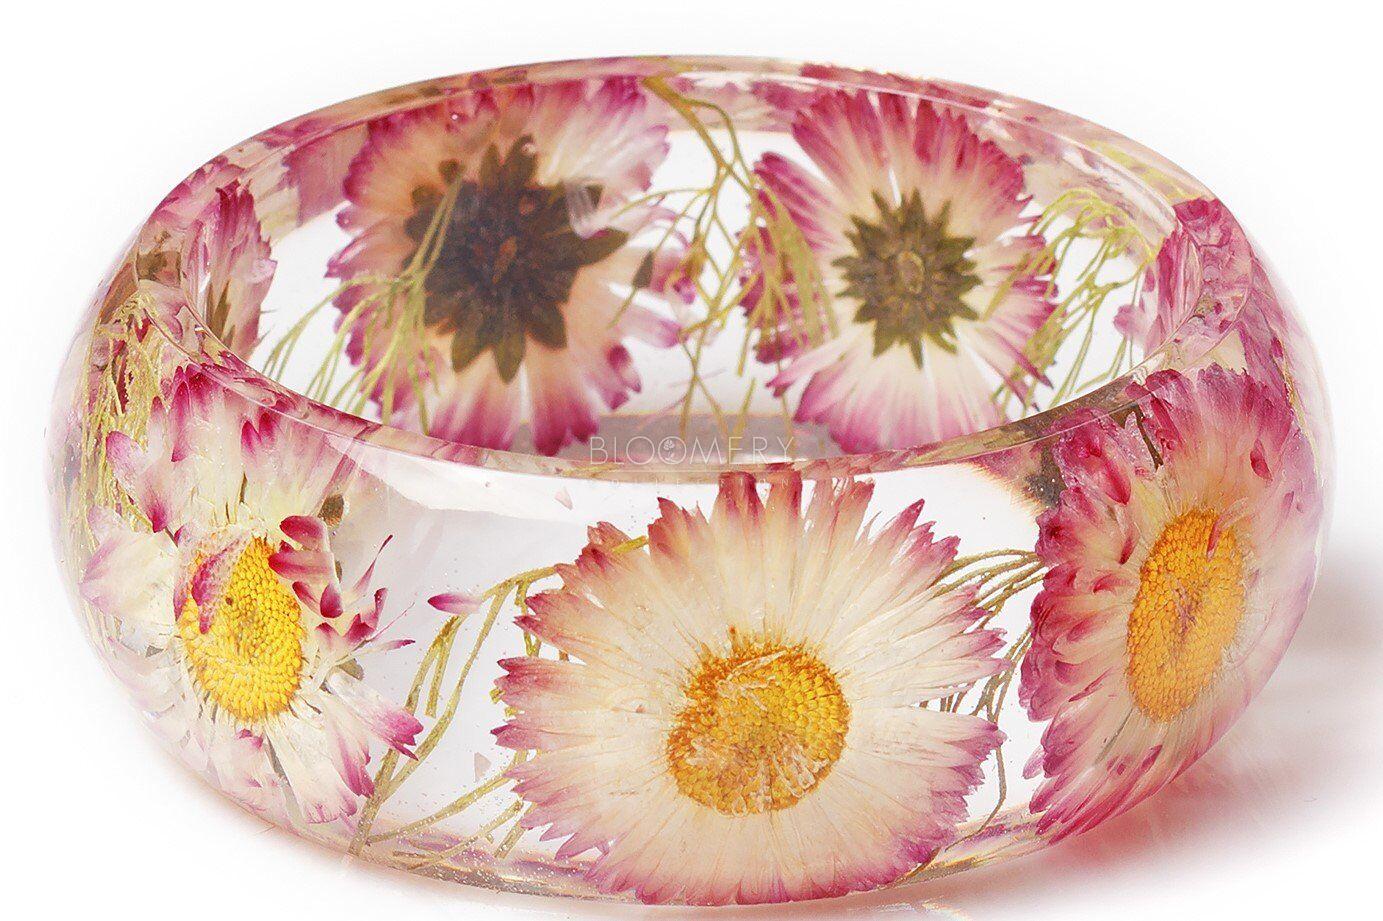 Цветочный браслет ручной работы. Внутри настоящие цветы хризантем